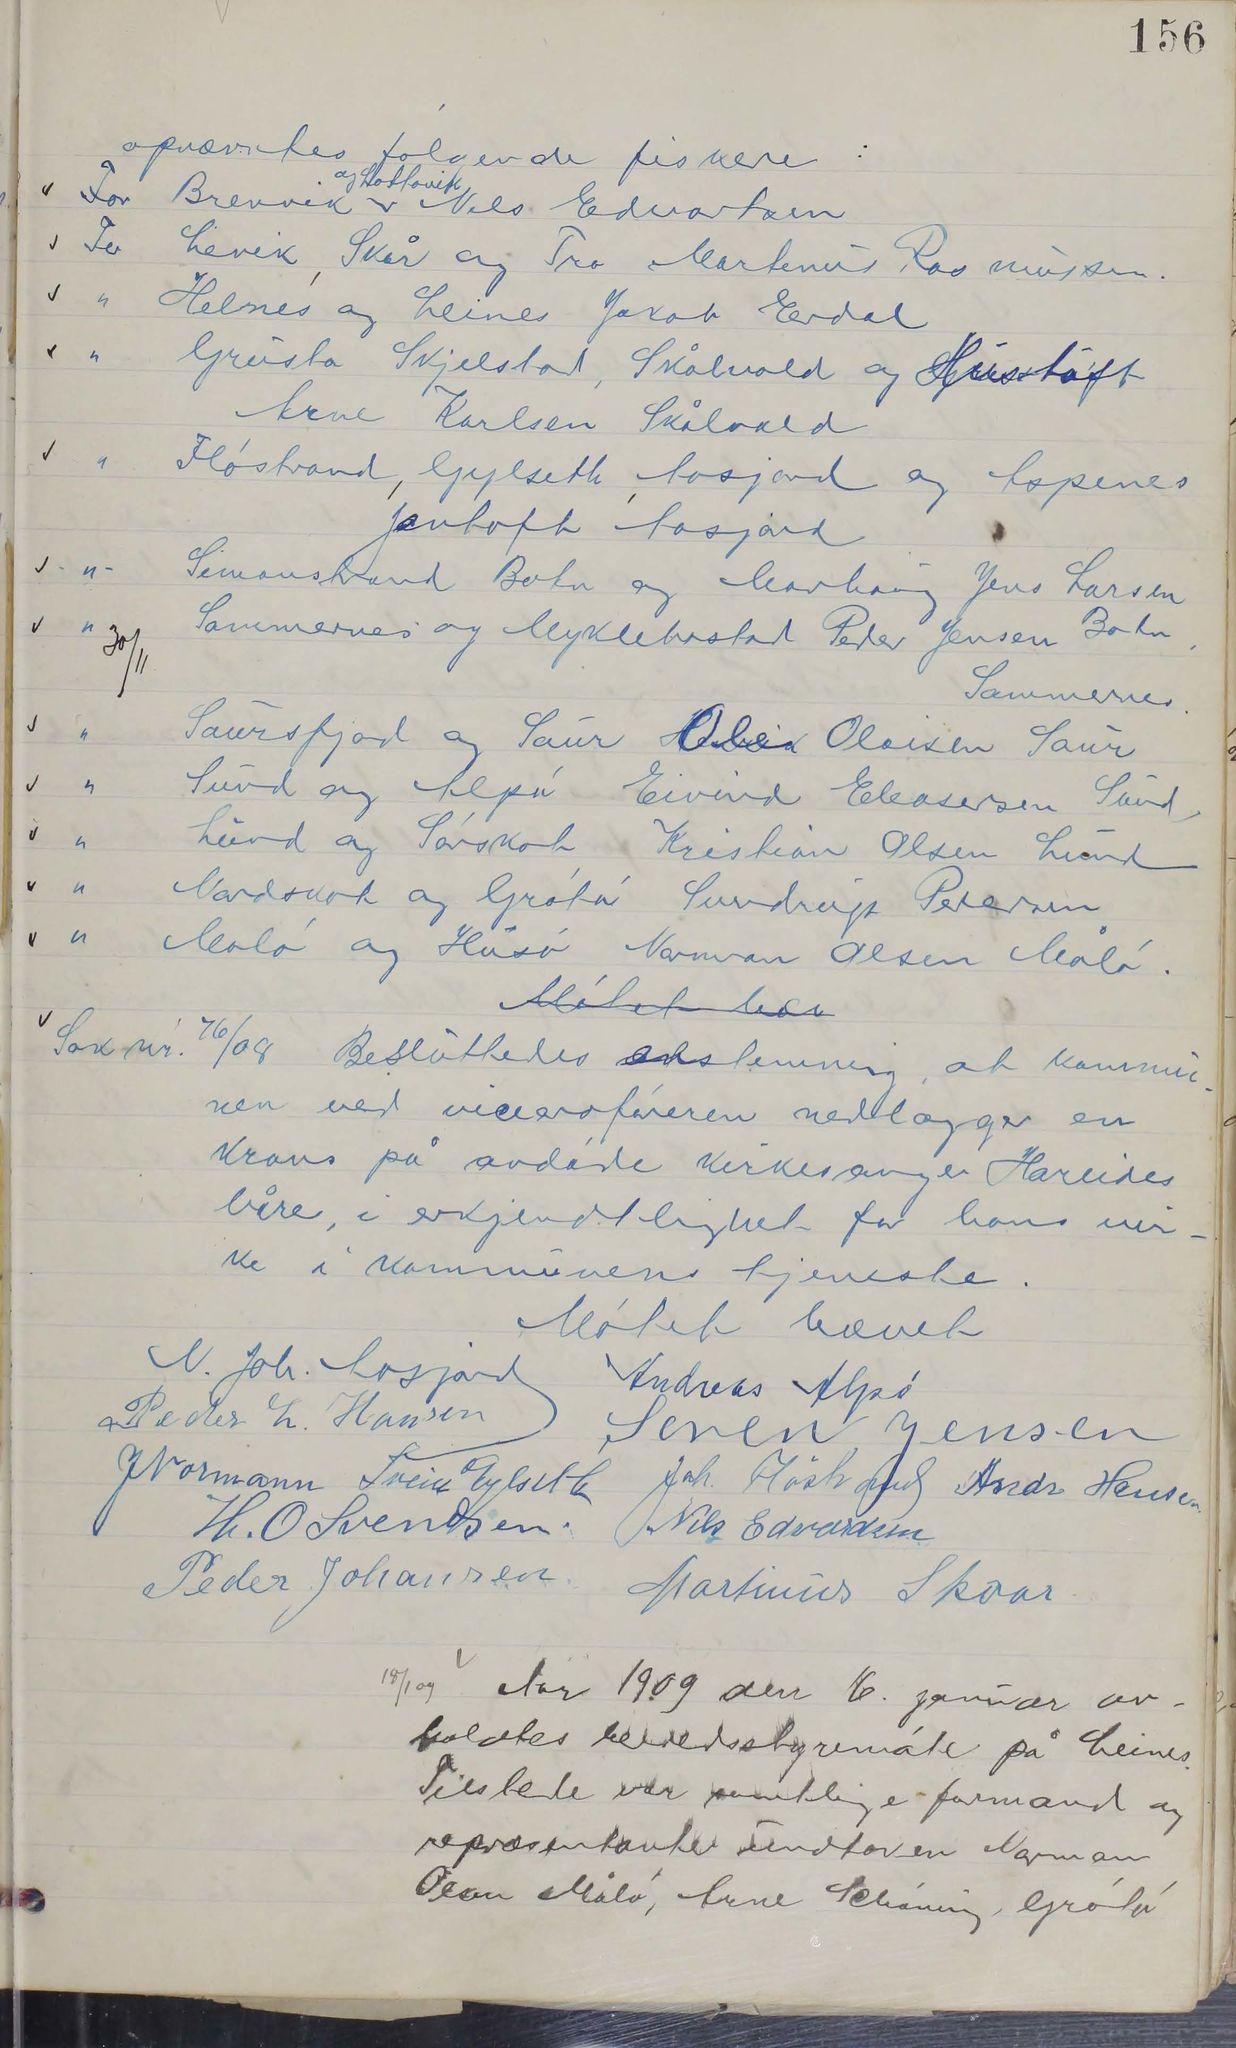 AIN, Leiranger kommune. Formannskapet, 100/L0001: Møtebok, 1900-1913, s. 156